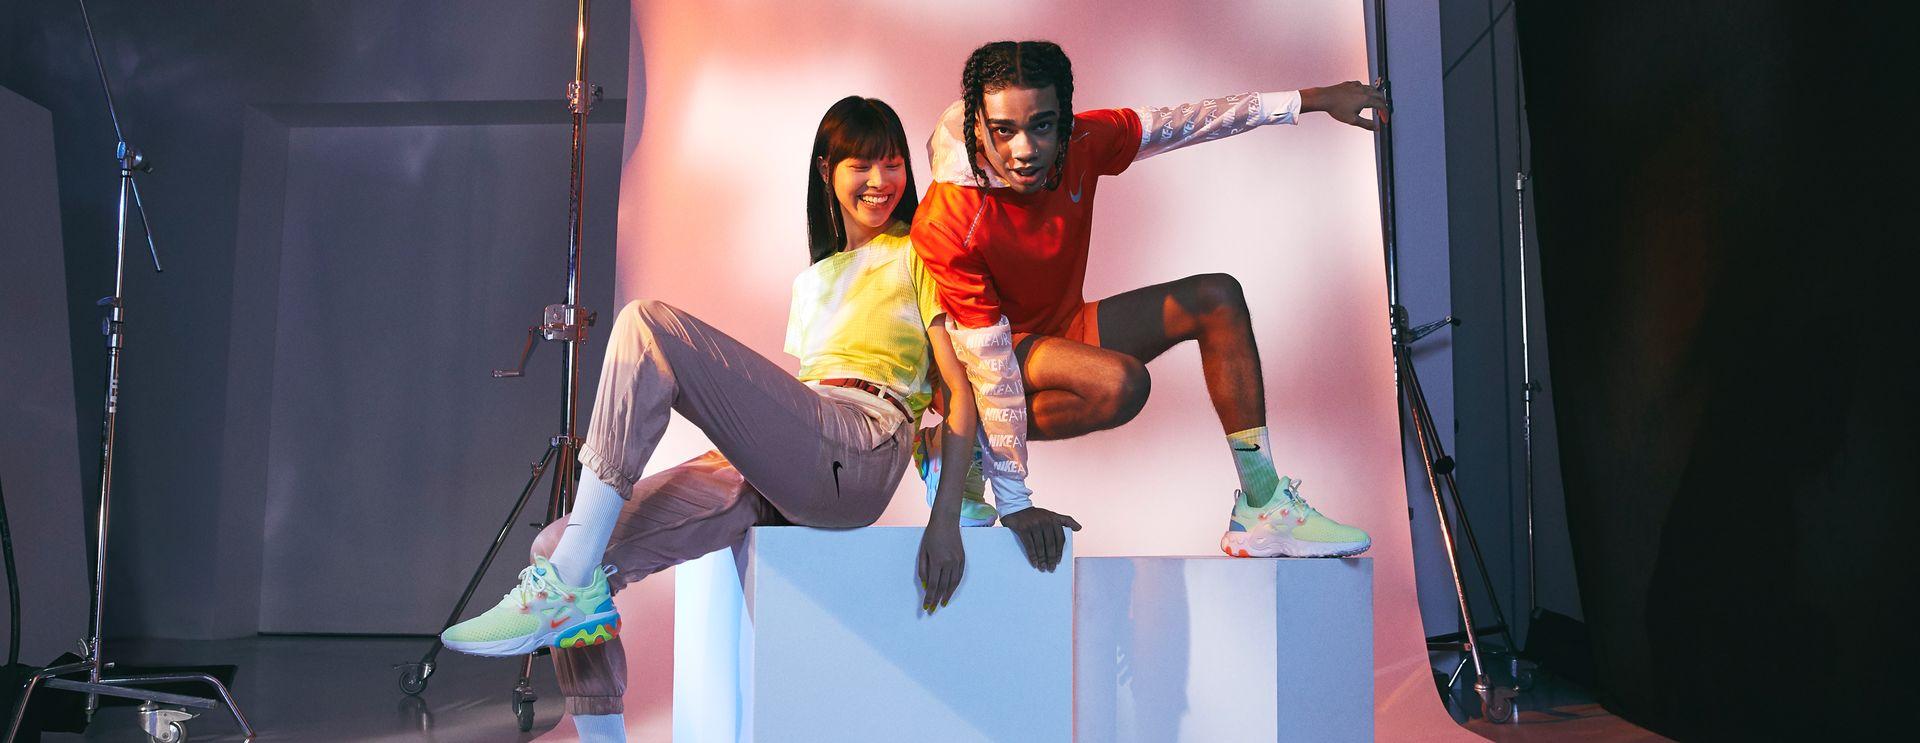 low priced 01234 53d44 PRESTO MEETS REACT. Nike React Presto